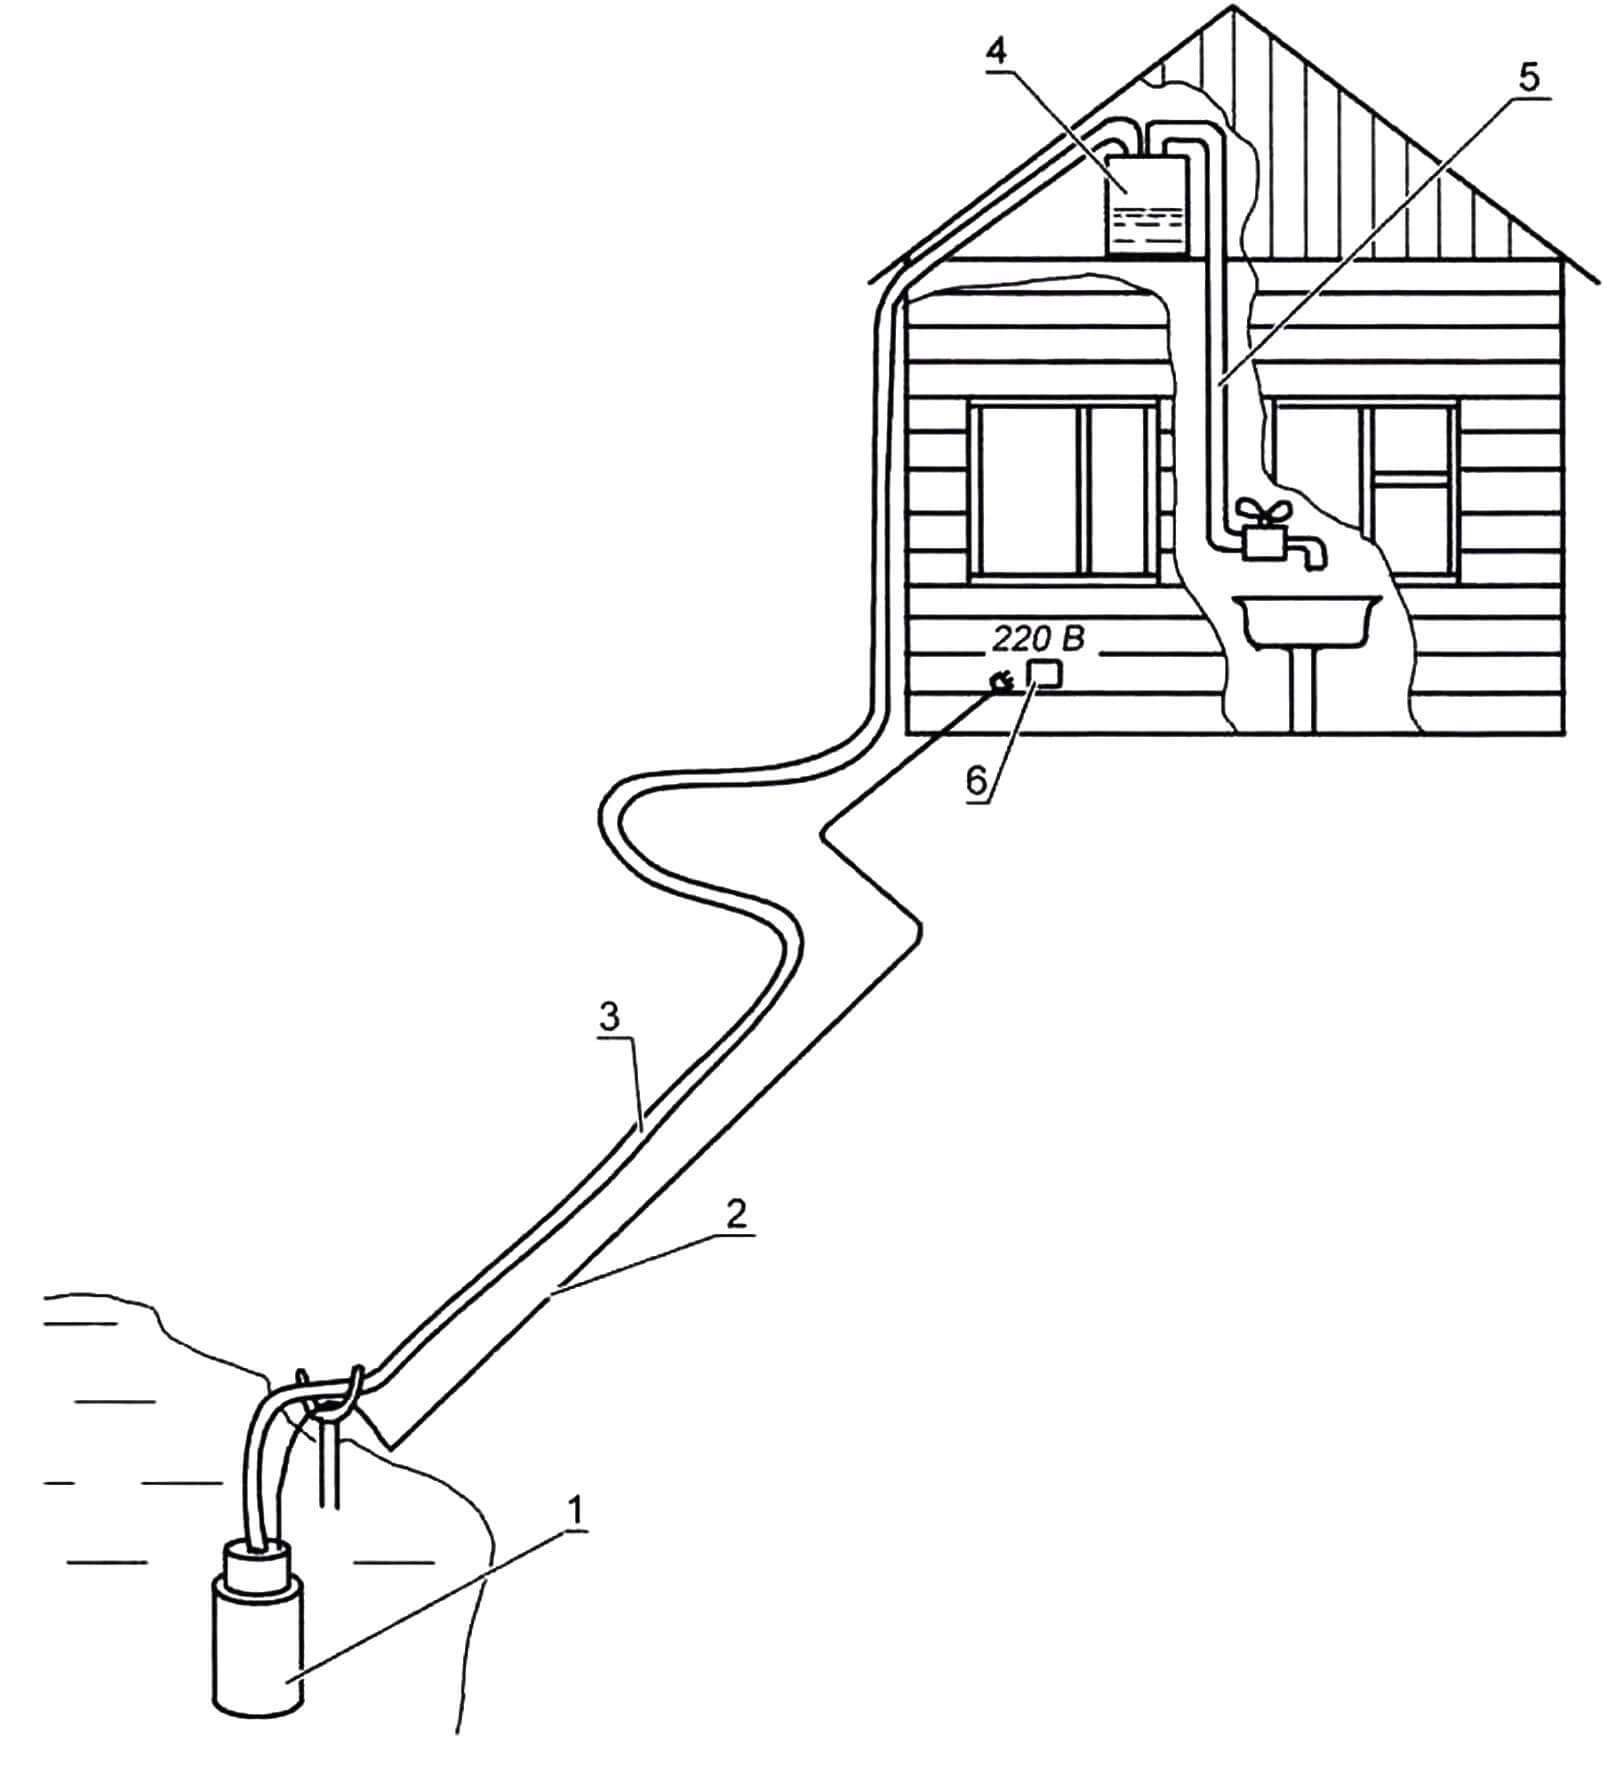 Схема водоснабжения дачного дома из открытого водоема: 1 - погружной насос типа «Малыш», 2 - провод питания насоса, 3 - напорный шланг, 4 - накопительная емкость для воды с датчиком уровня, 5 - расходный шланг, 6 - блок управления насосом и контроля запаса воды